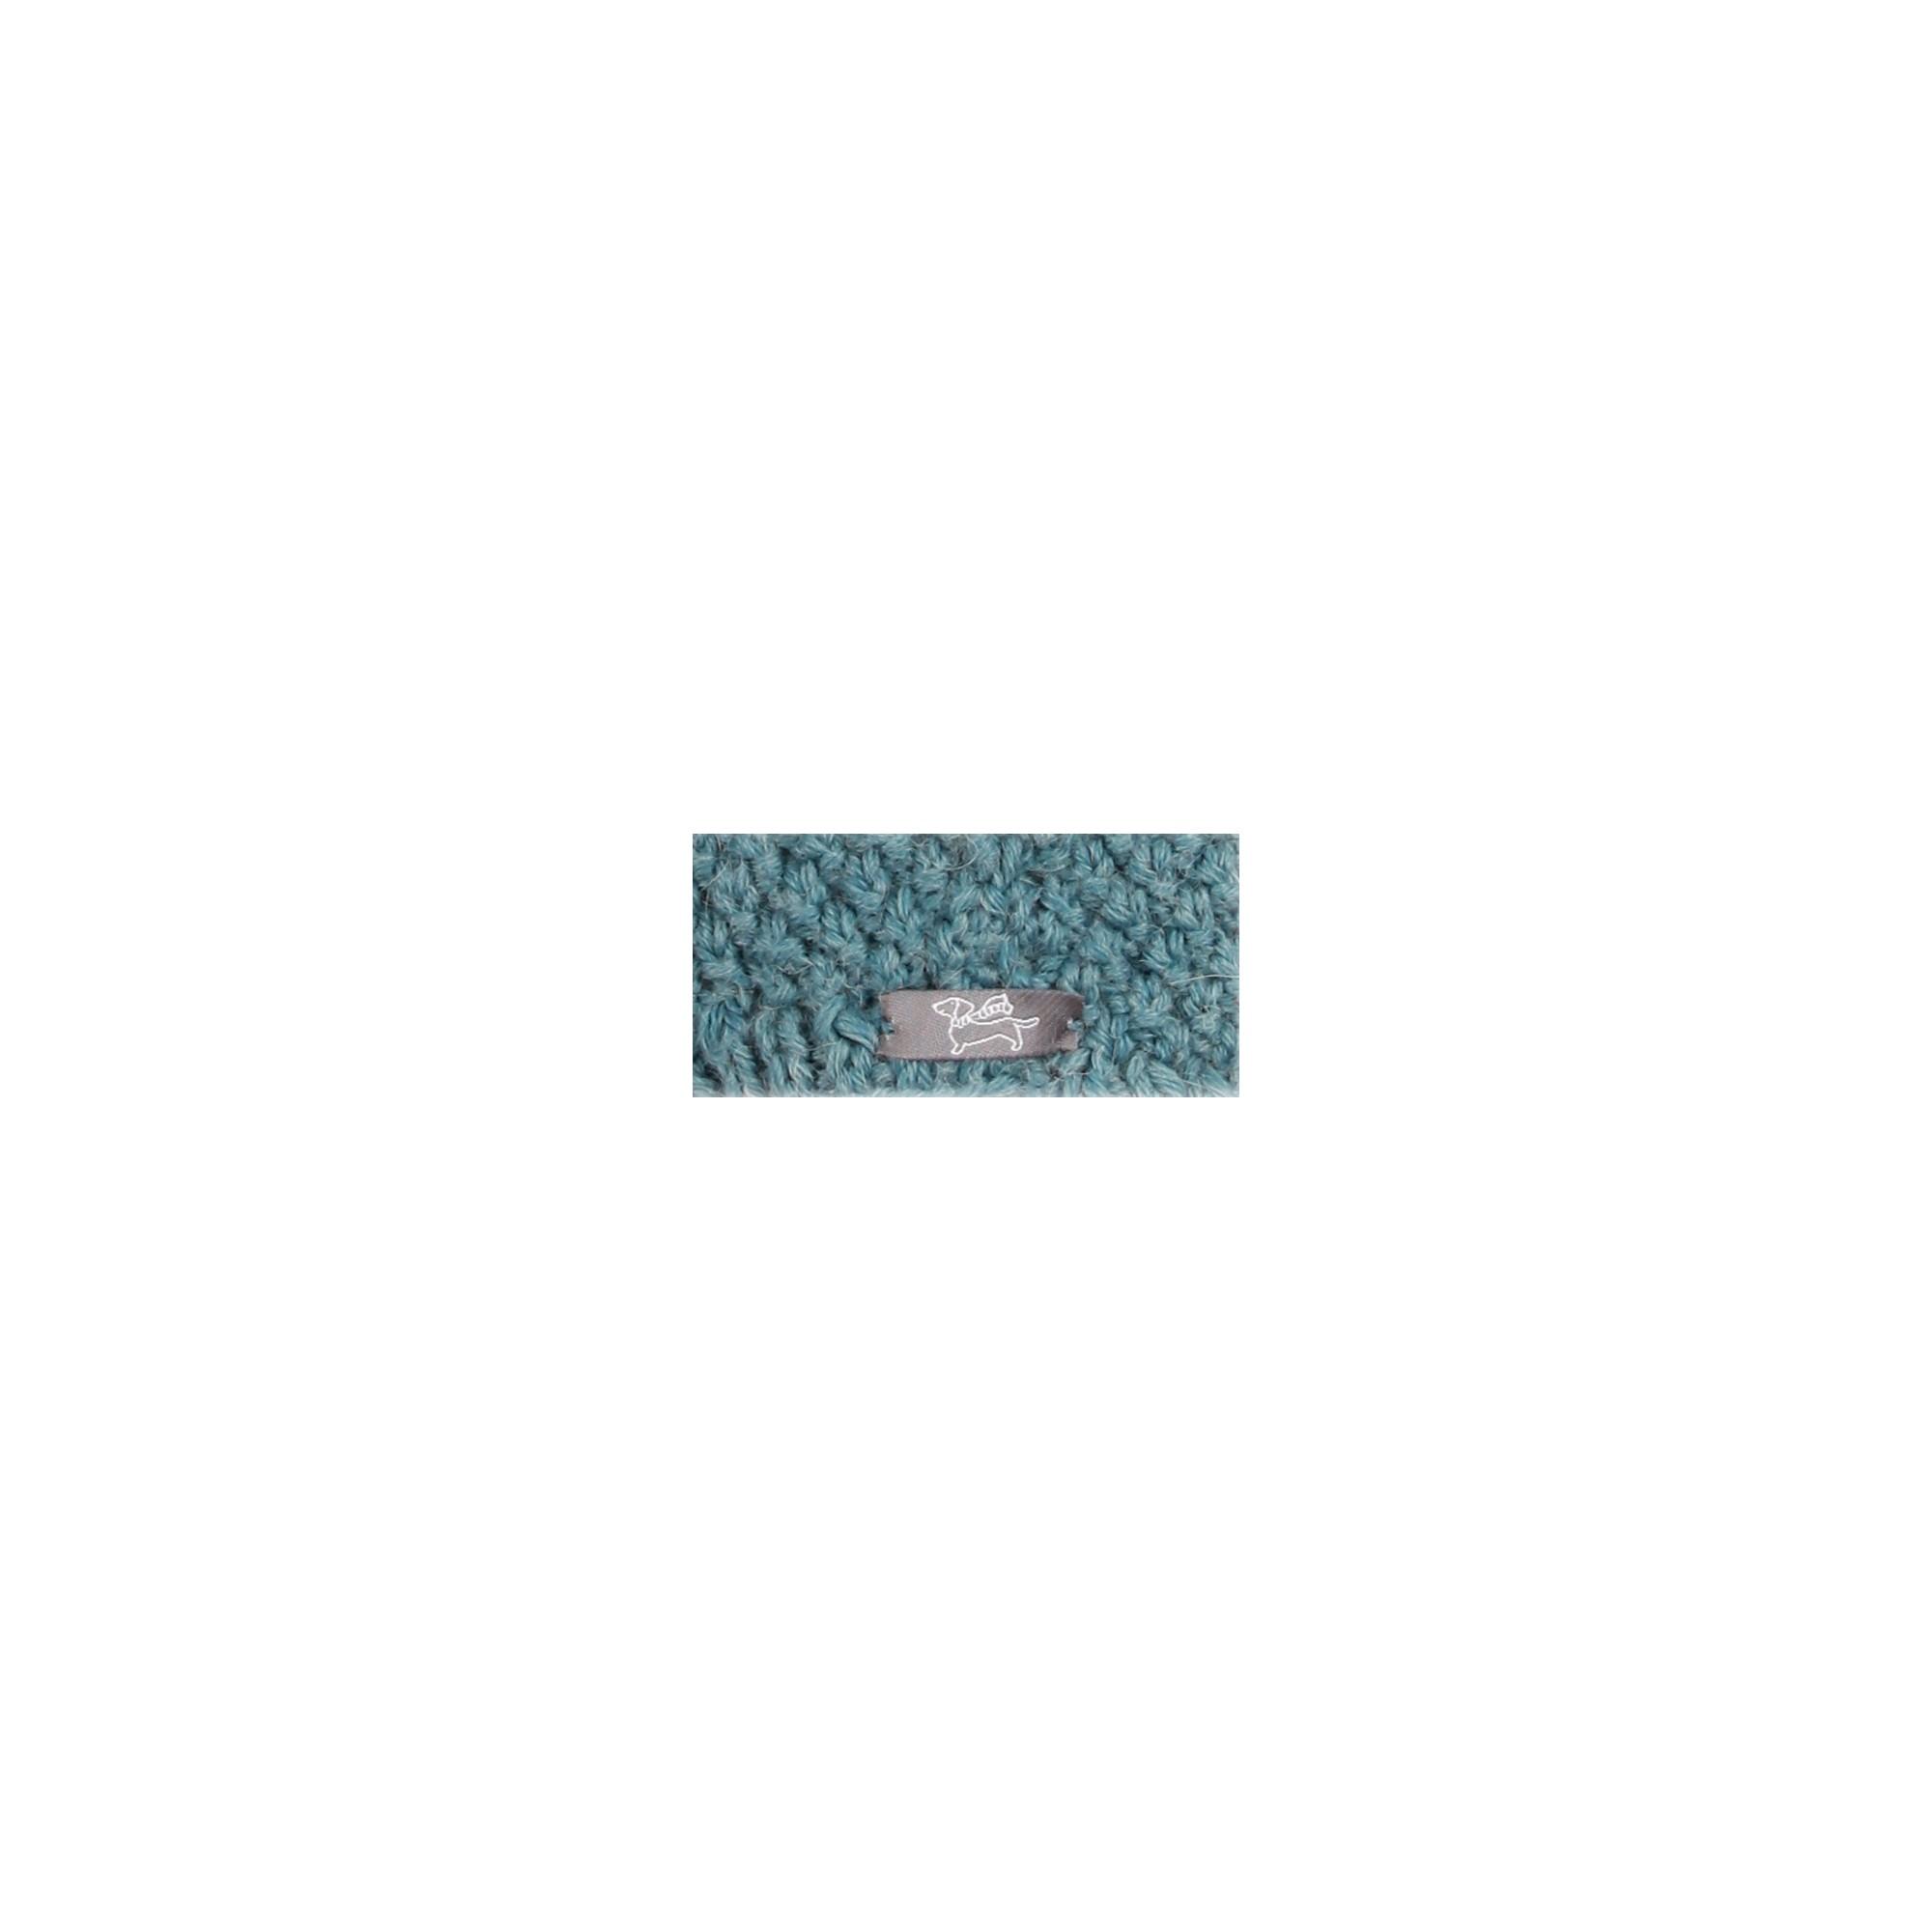 Bonnet bébé bleu pétrole type péruvien en laine et alpaga tricoté au point de blé -  Dos